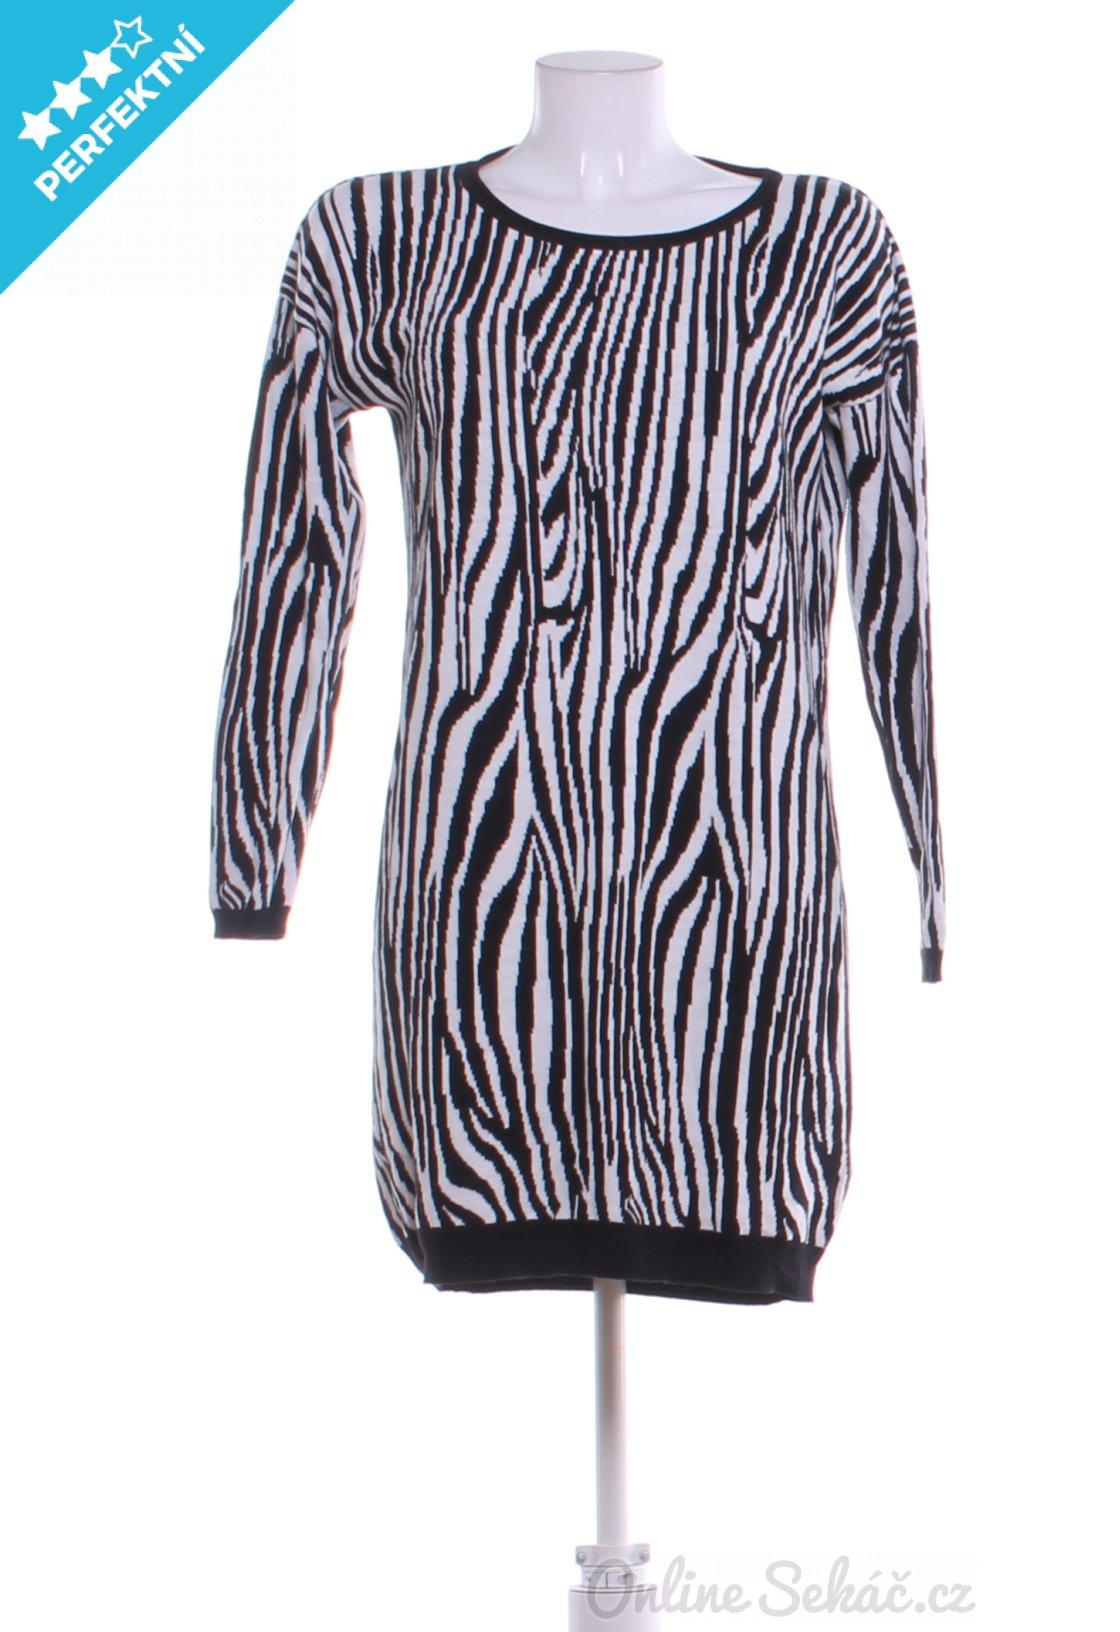 Second hand - Velikost  S - Střih  VOLNÝ   Dámské úpletové šaty ... d3de979379a